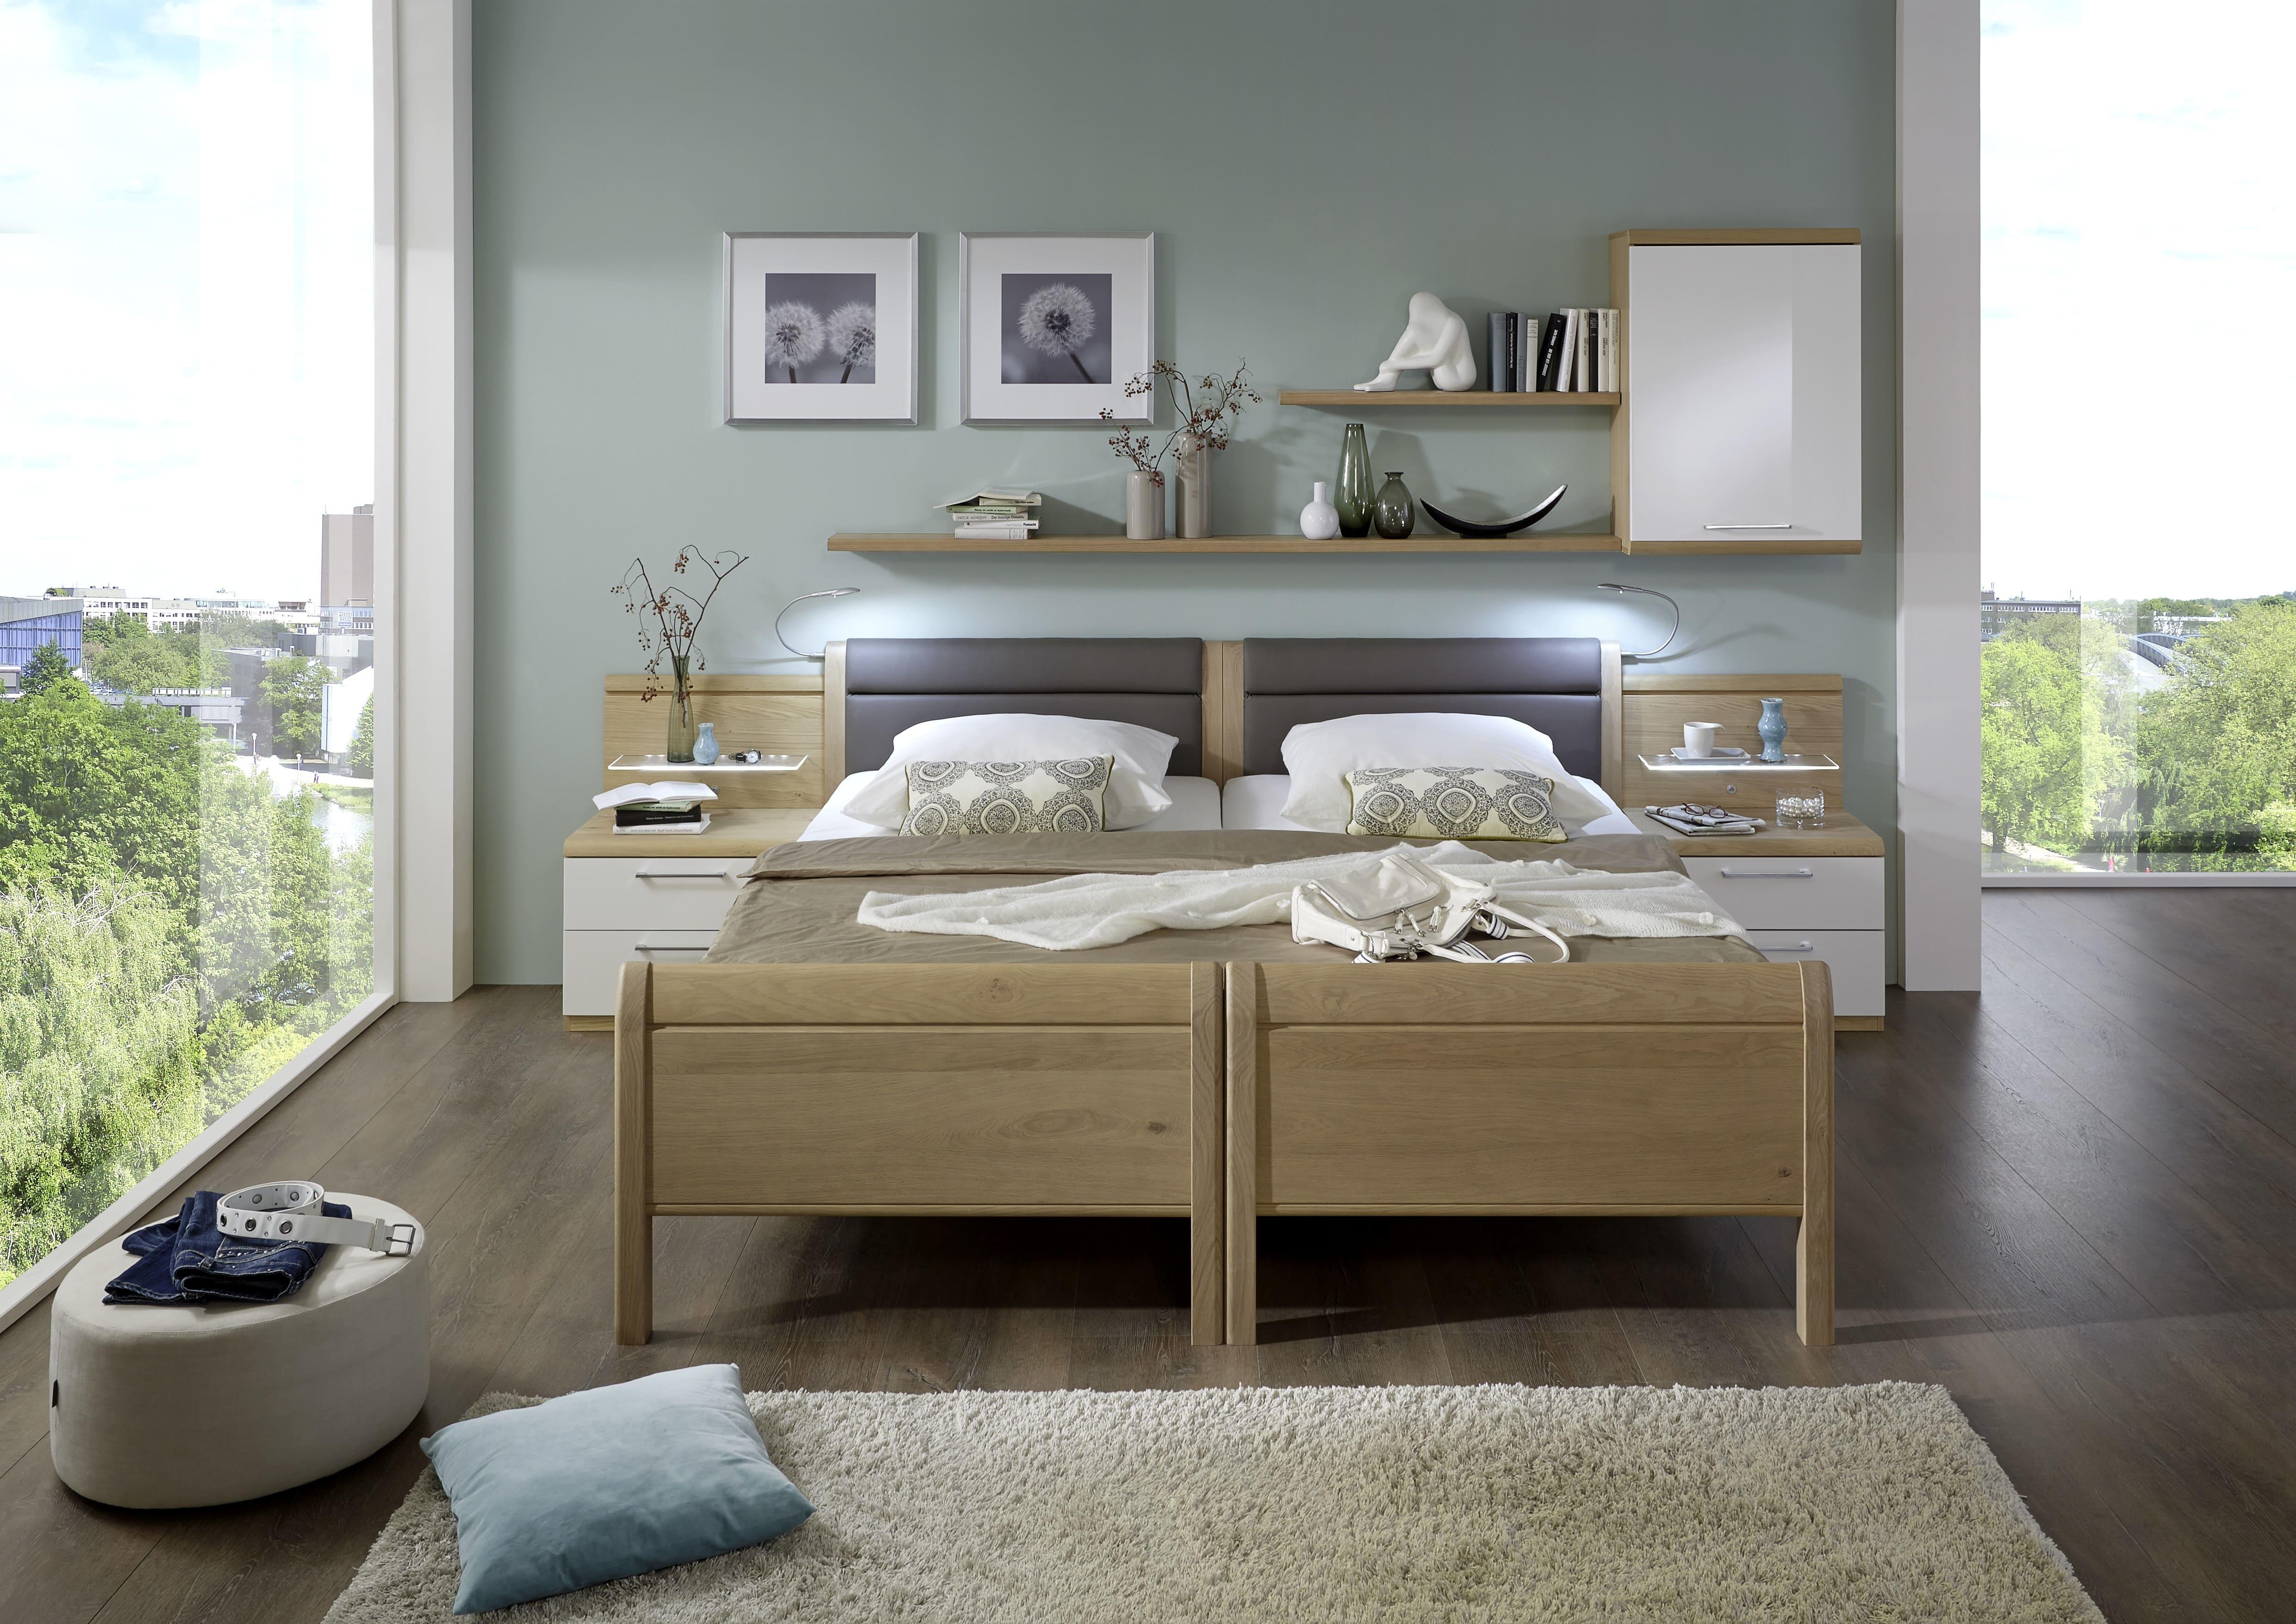 schlafen m bel weber neustadt landau karlsruhe. Black Bedroom Furniture Sets. Home Design Ideas